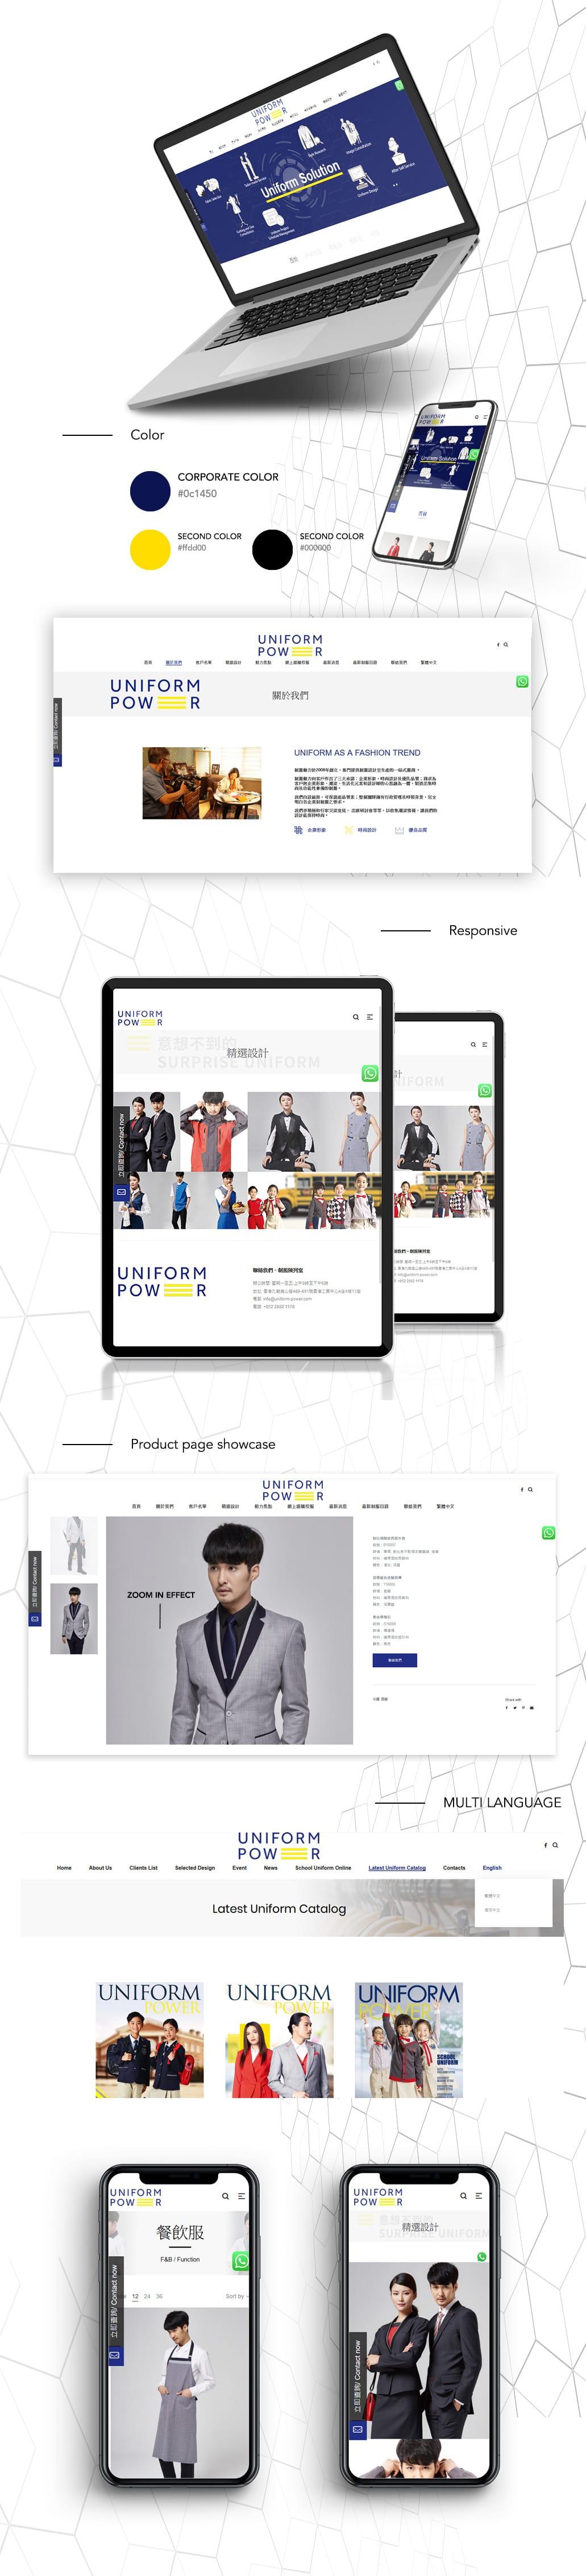 香港制服網站設計